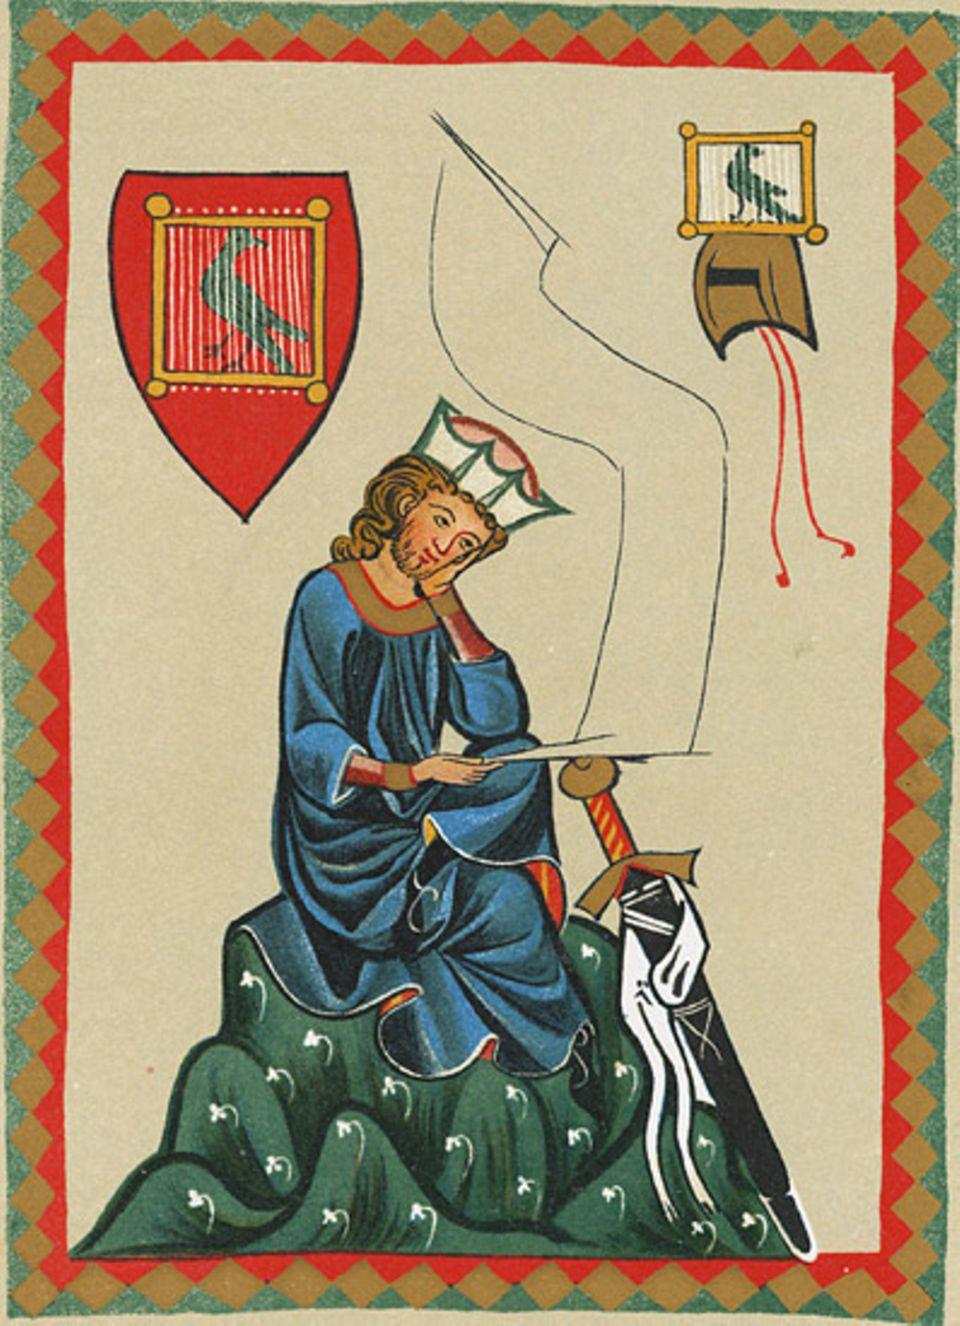 Mittelalter: Walther von der Vogelweide (um 1170 bis 1230) ist der bekannteste deutsche Minnesänger. Von ihm sind rund 100 Texte überliefert